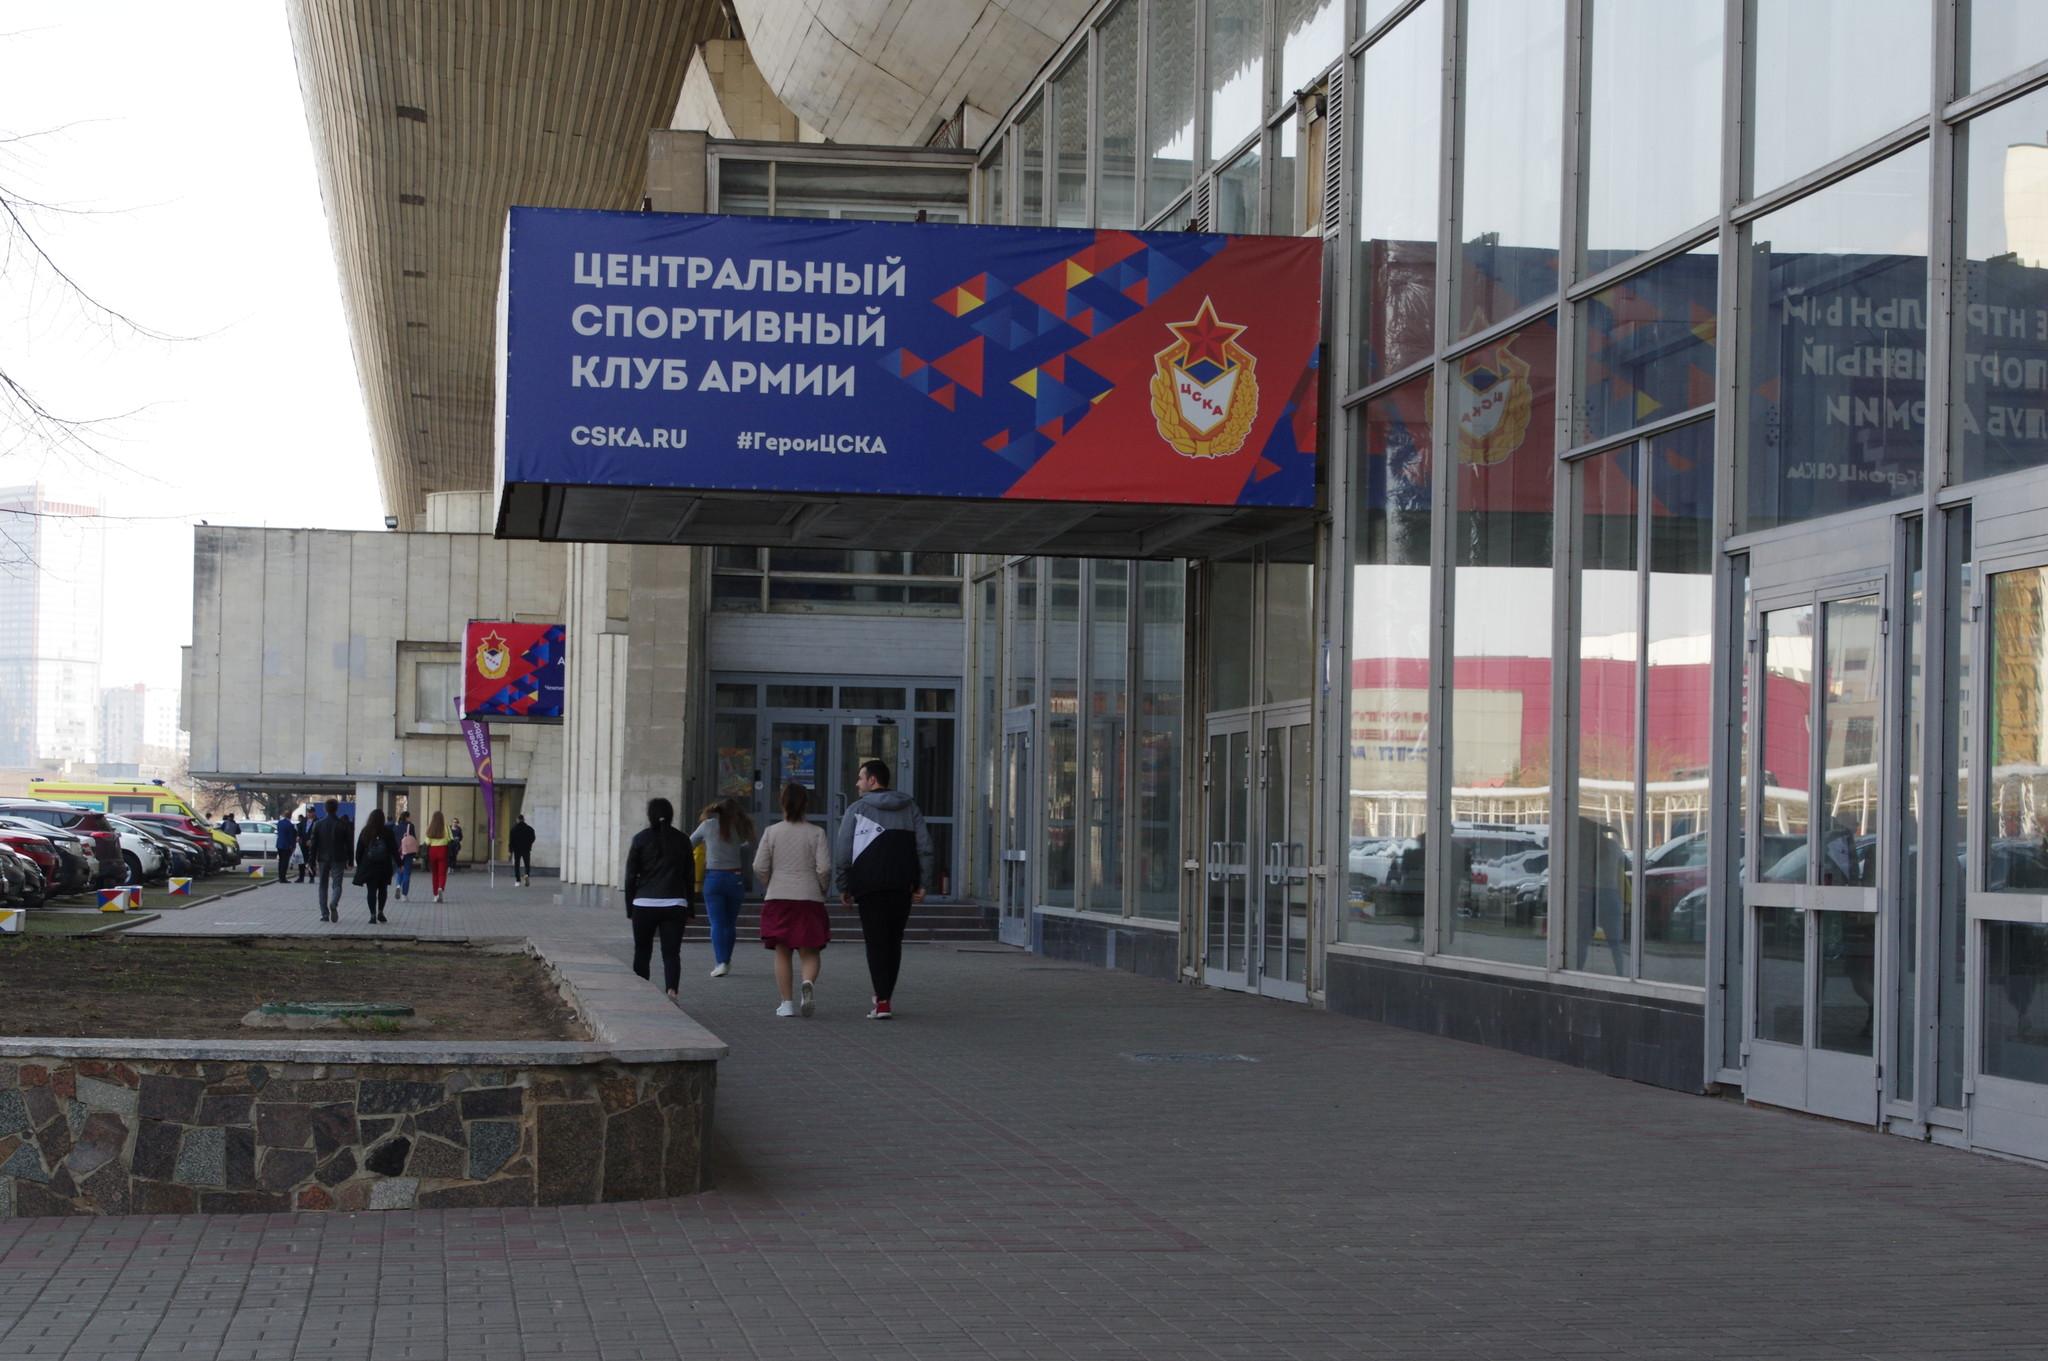 Спорткомплекс «ЛФК ЦСКА» (Москва, Ленинградский проспект, дом 39, стр. 1)